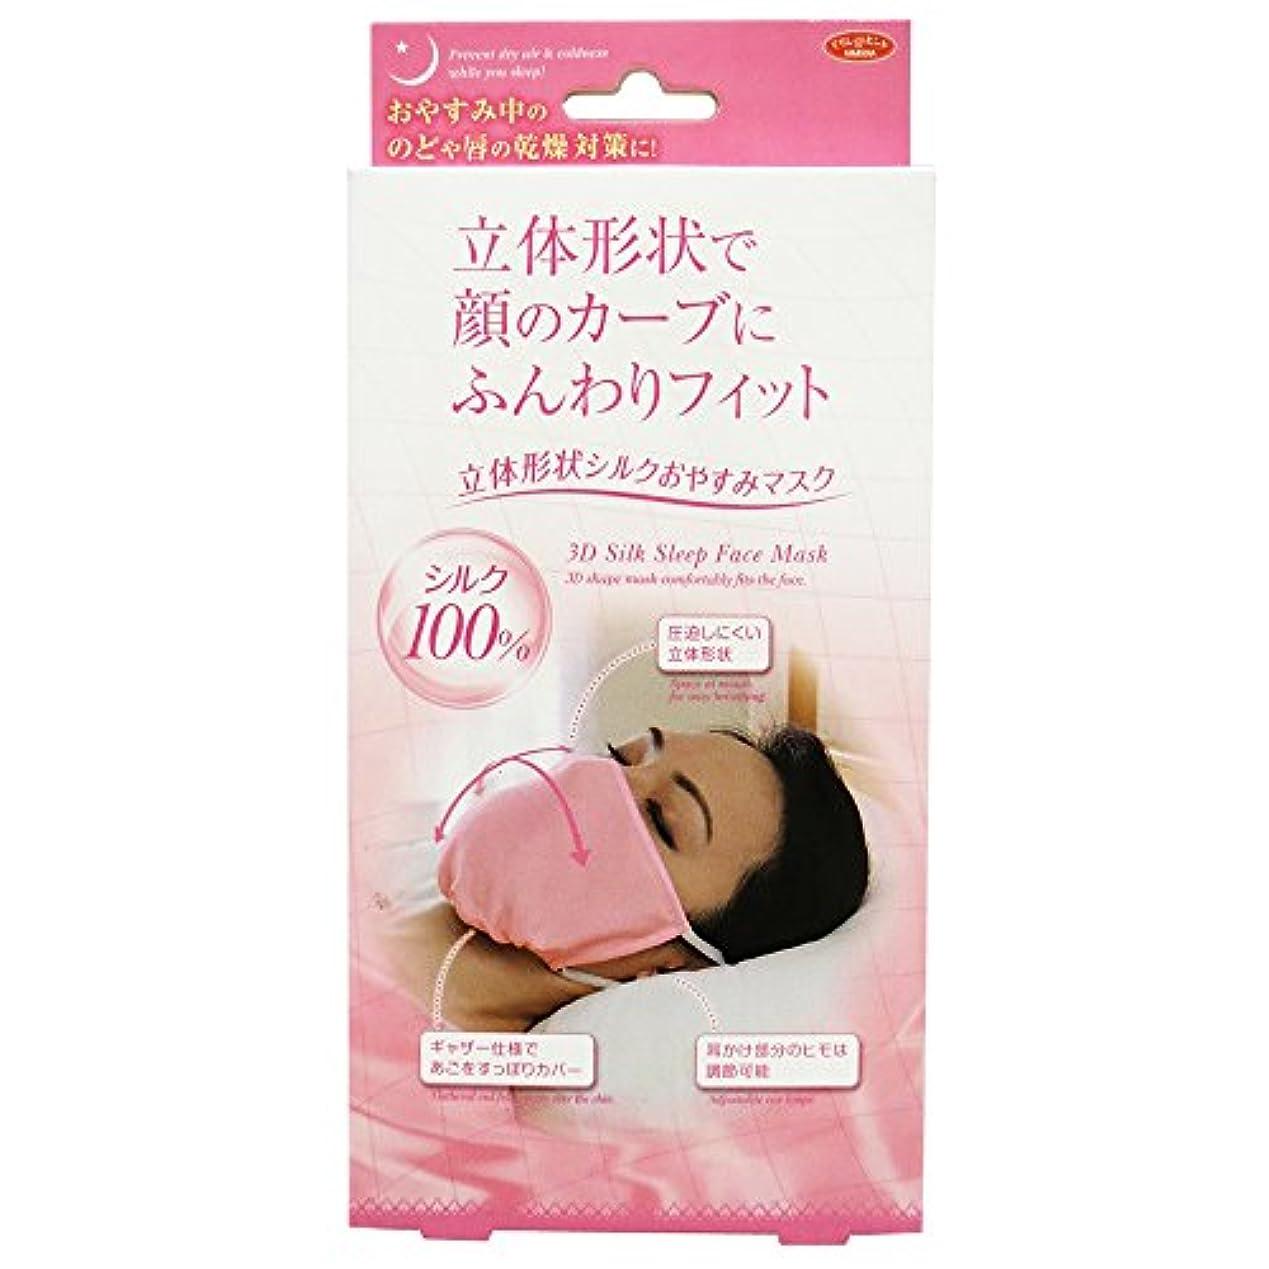 かび臭い疼痛音声アイメディア 立体形状シルクおやすみマスク